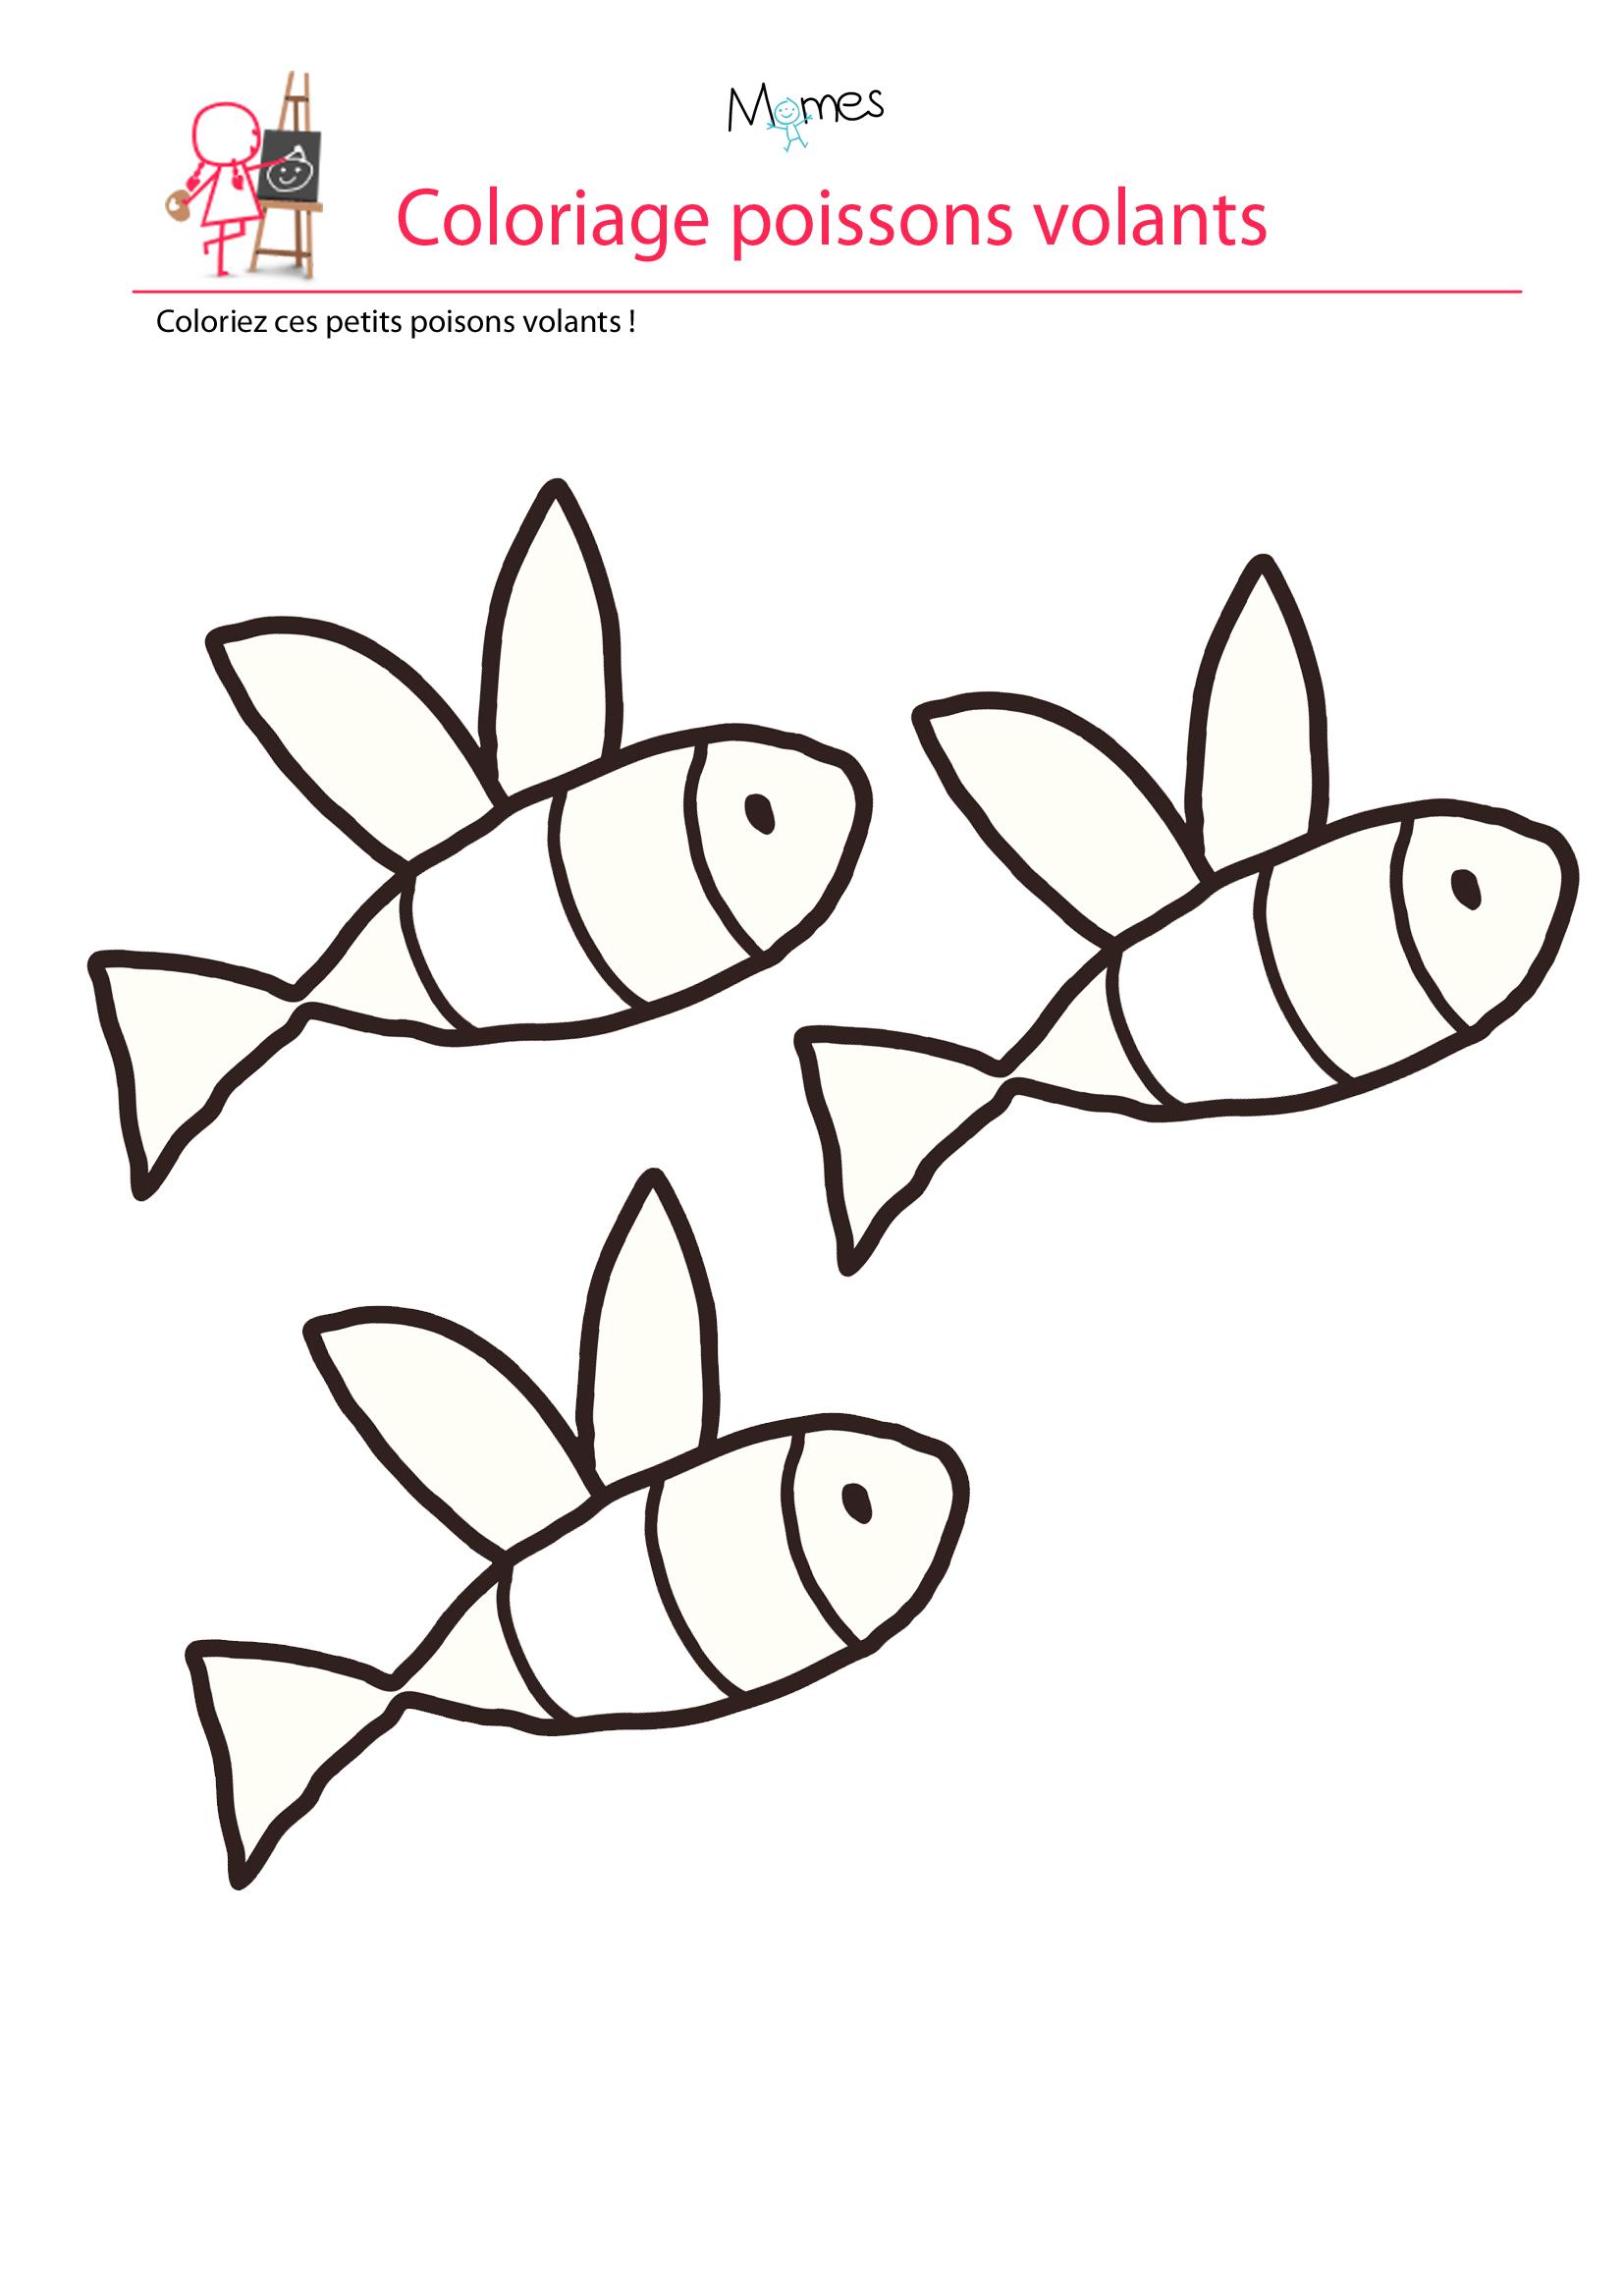 Coloriage poisson d'avril à imprimer les poissons volants